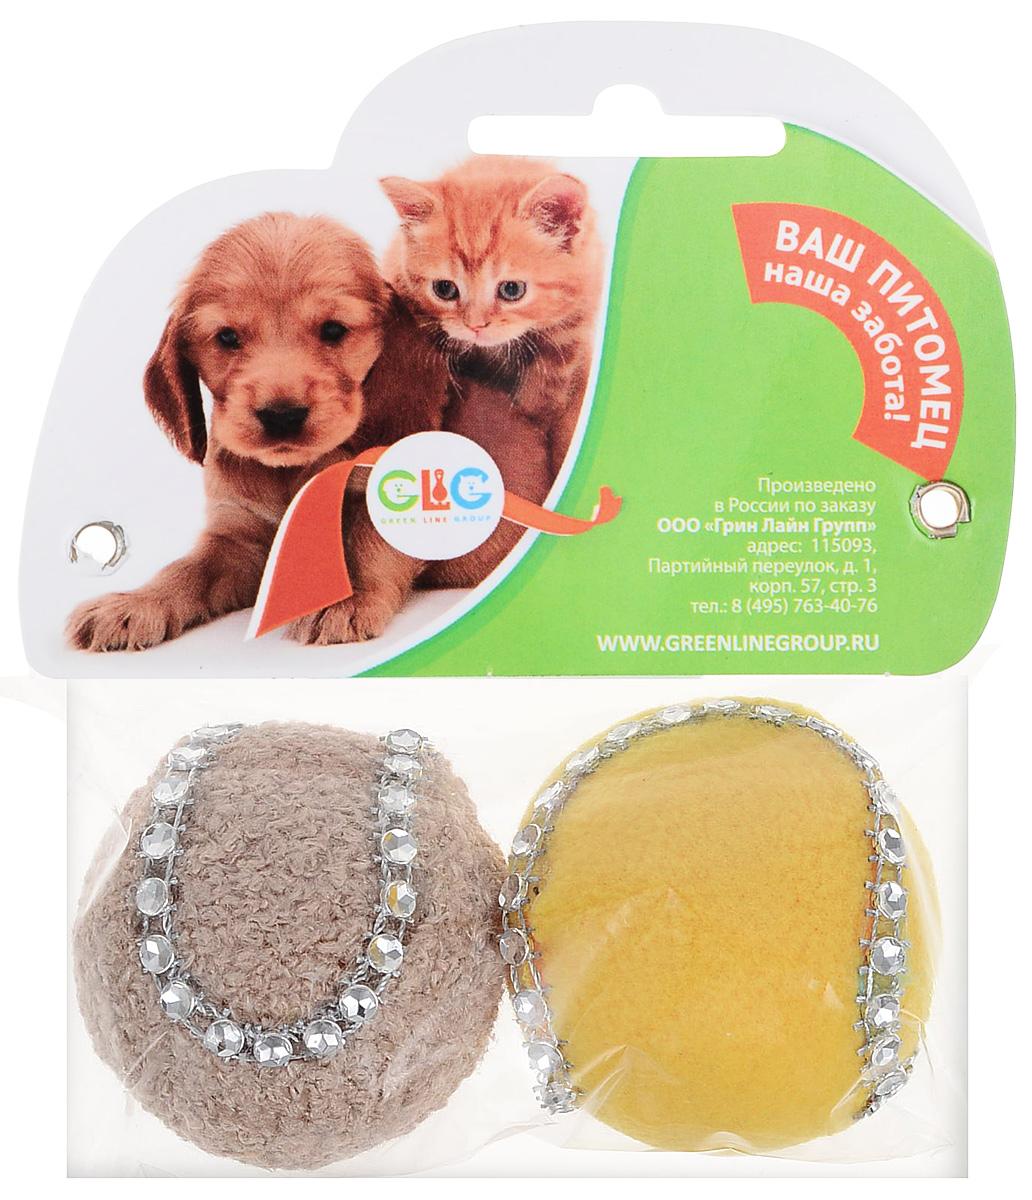 Игрушка для кошек GLG Мяч-погремушка, цвет: зеленый, желтый, 4 см, 2 шт игрушка для кошек i p t s мяч погремушка с меховым хвостом в ассортименте